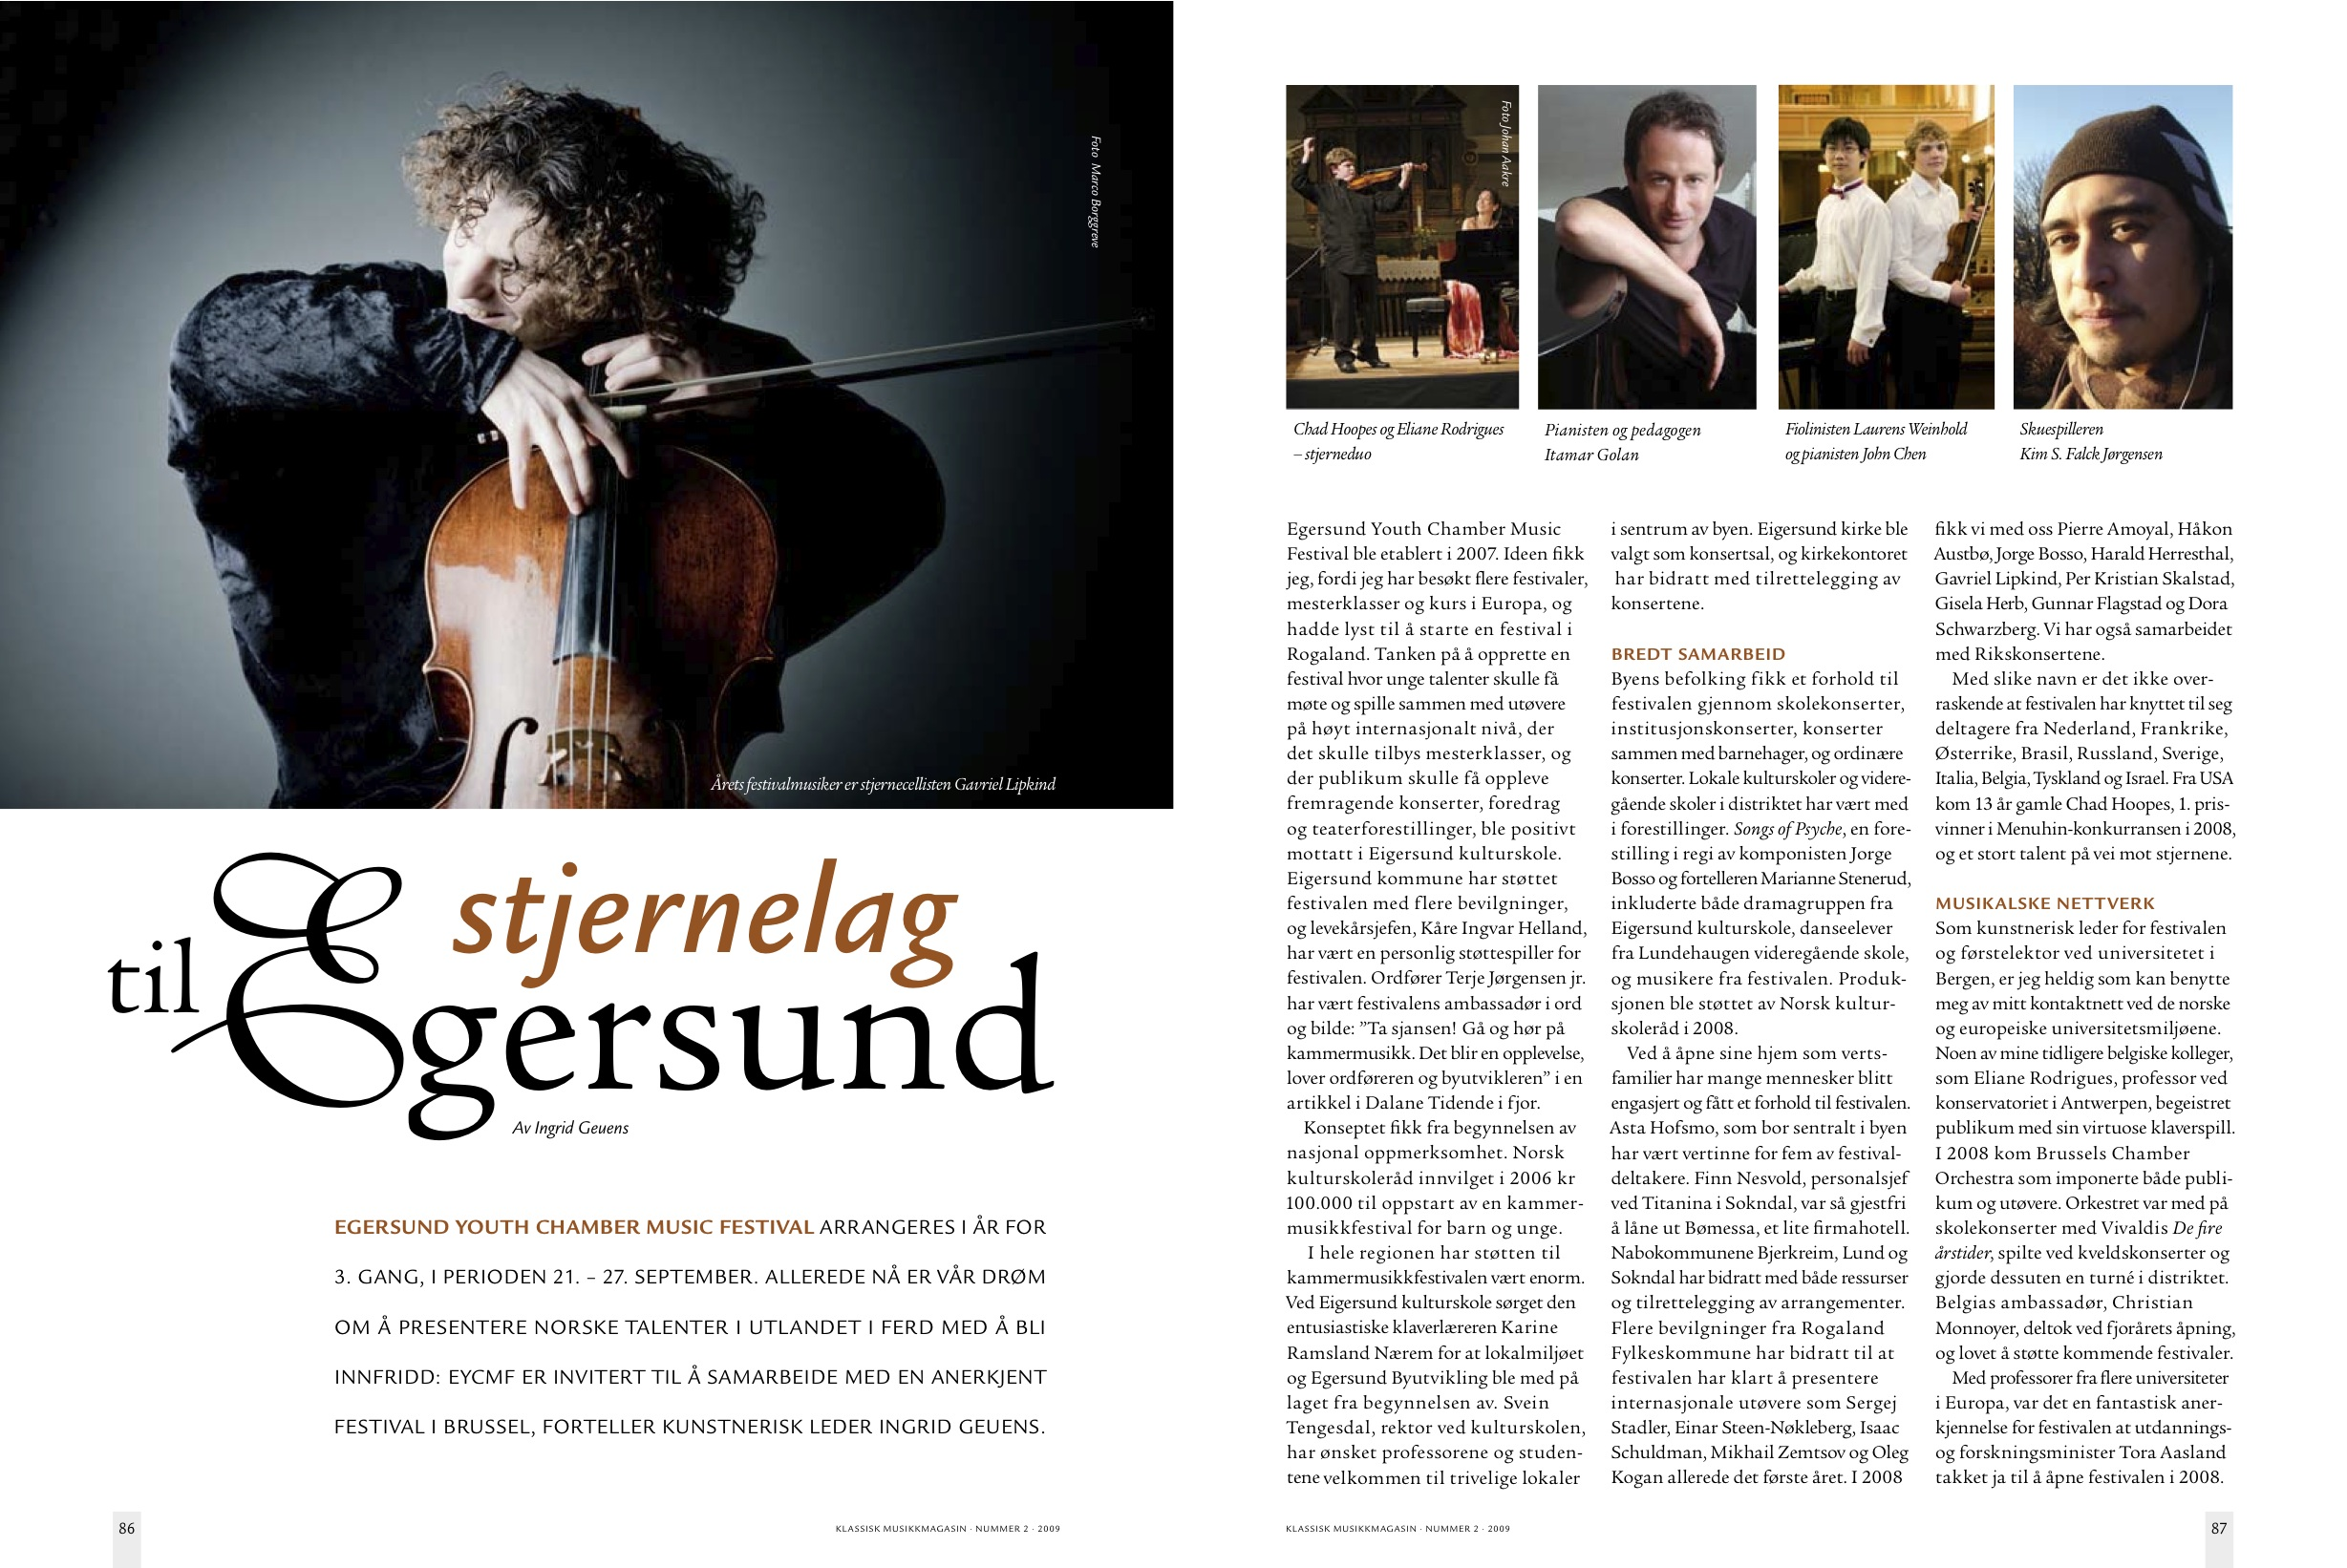 Klassik Musikkmagasin nummer 2 2009